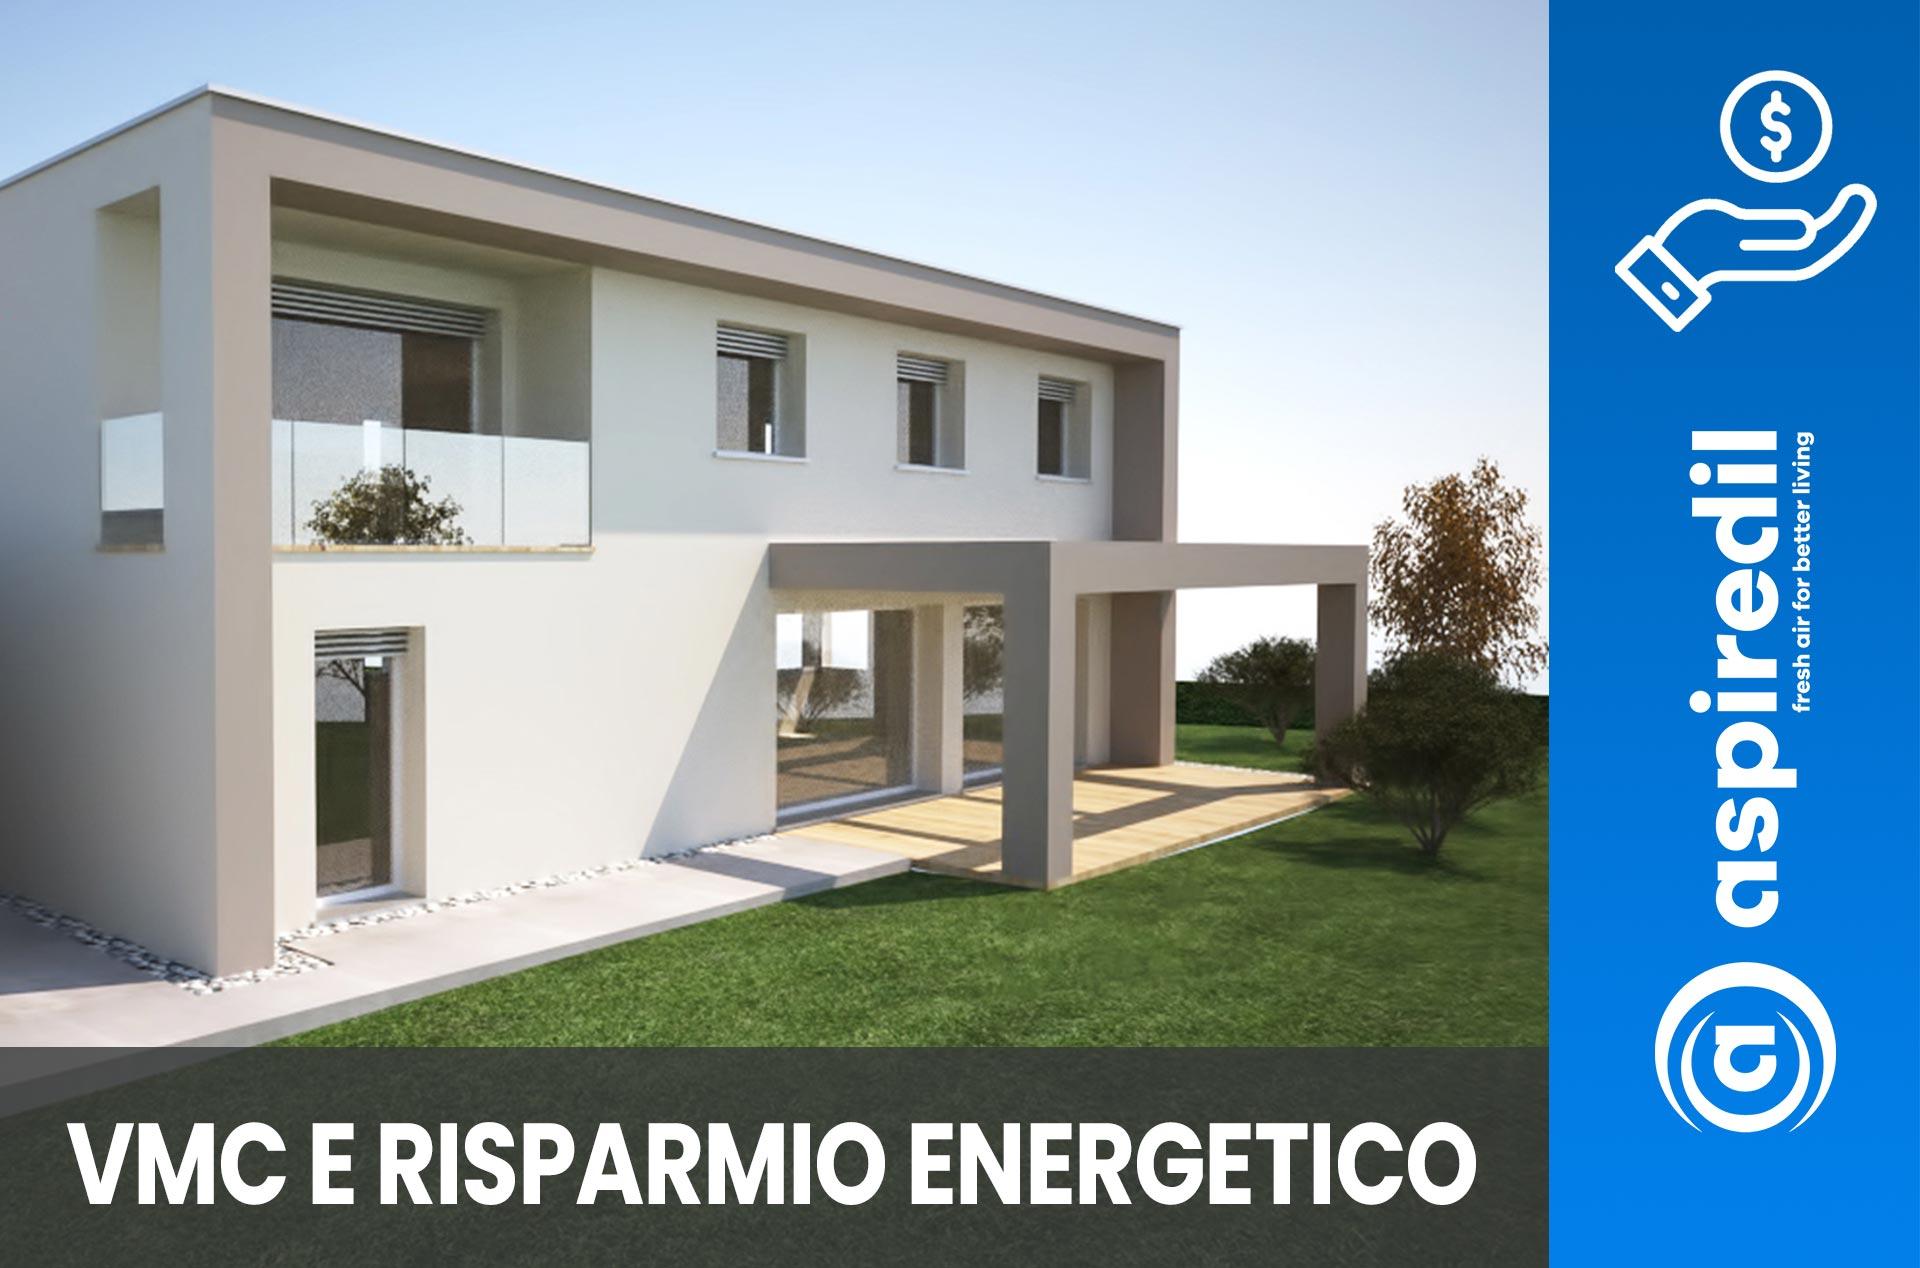 Casa passiva, risparmio energetico migliore con la ventilazione vmc